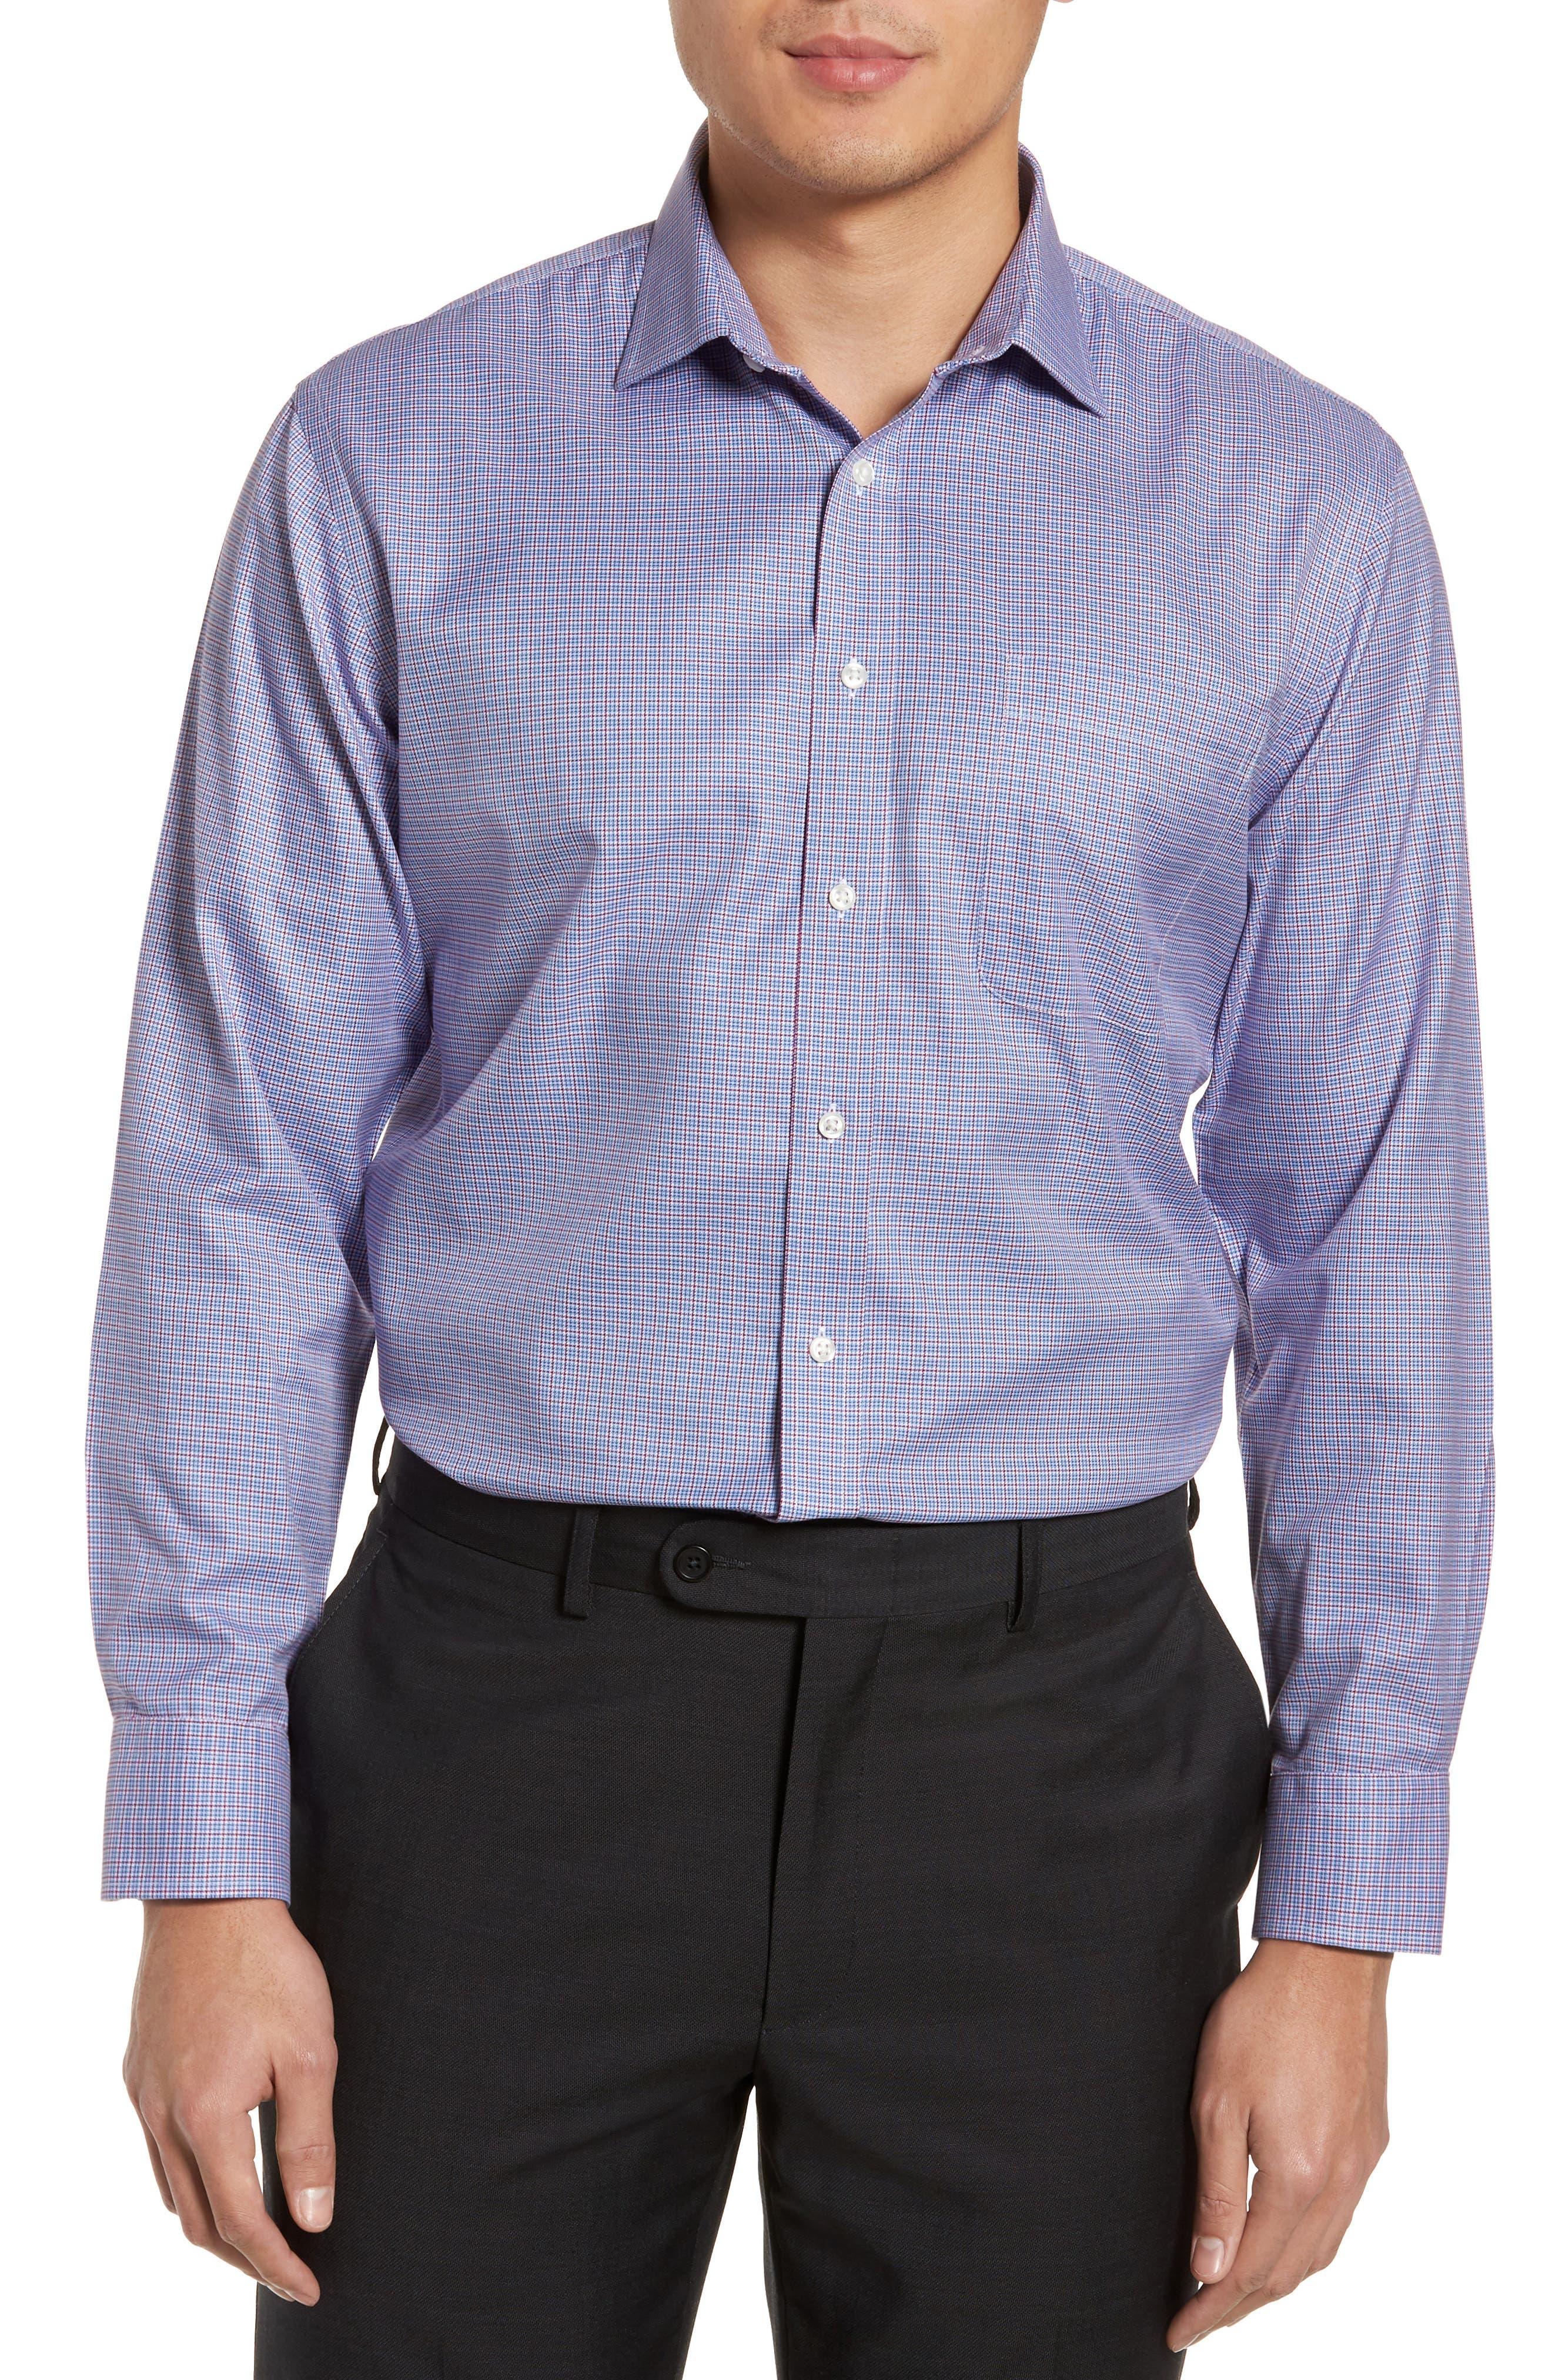 Smartcare<sup>™</sup> Trim Fit Check Dress Shirt,                             Main thumbnail 1, color,                             601